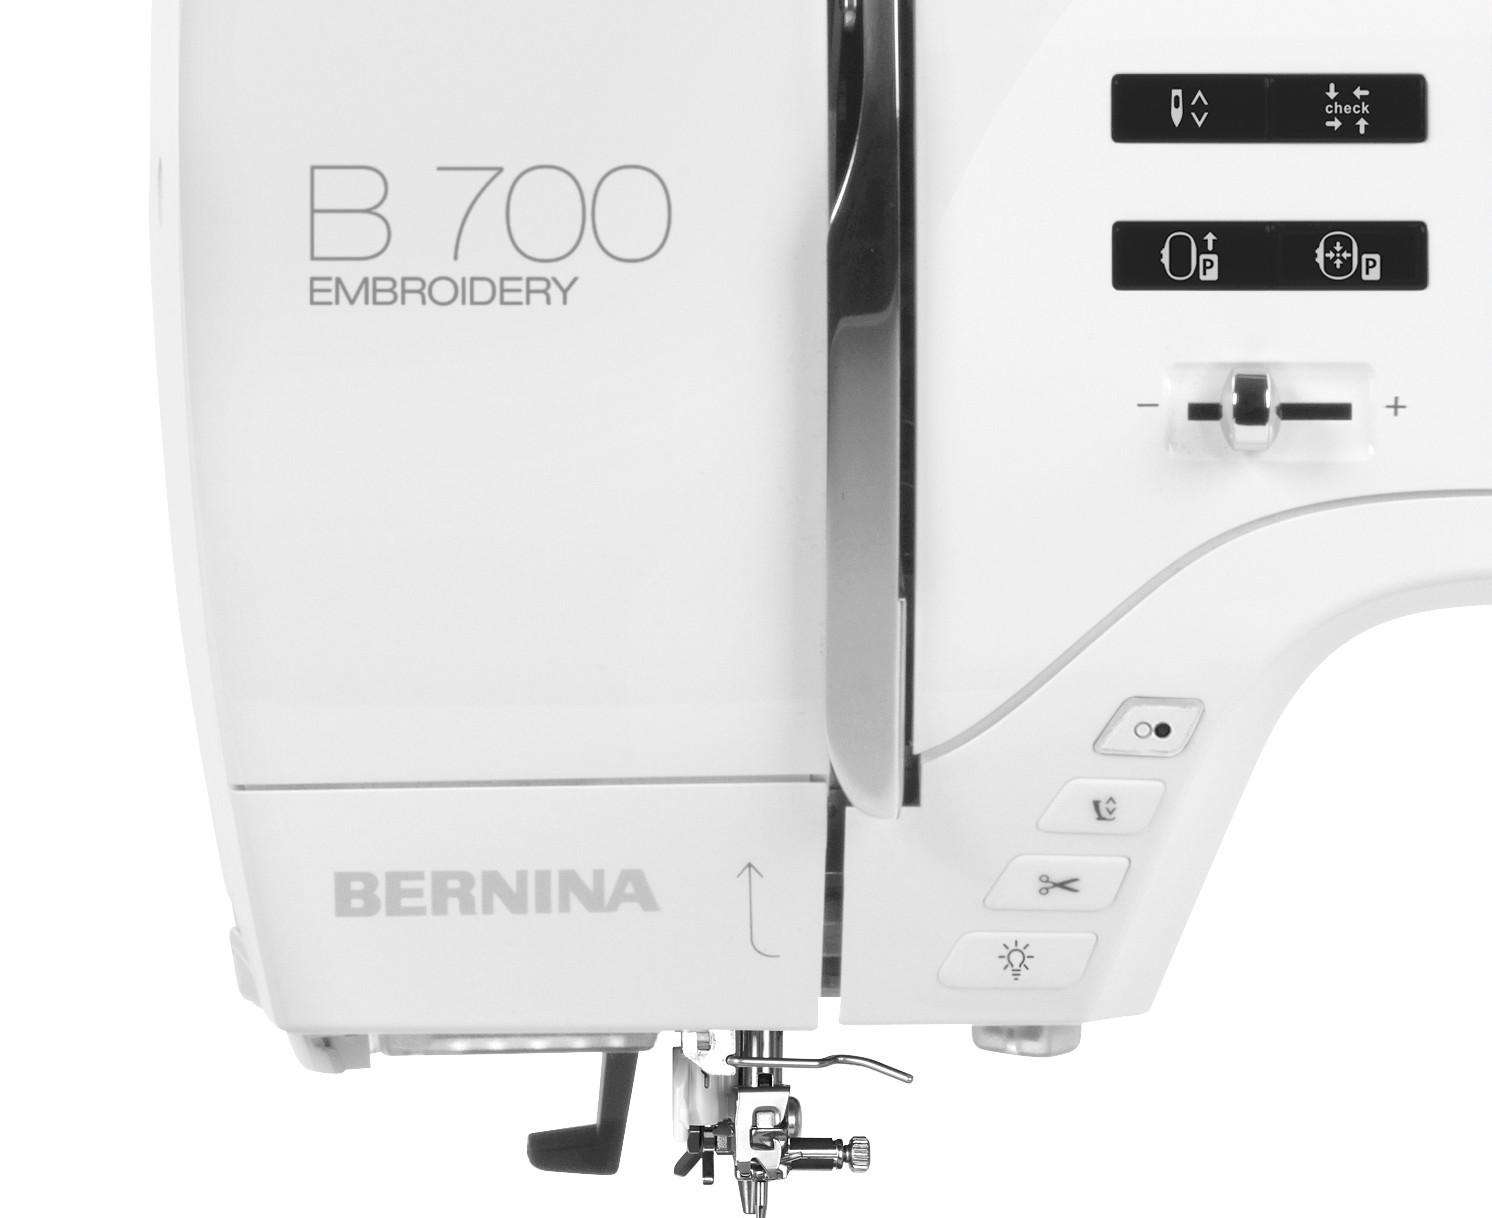 Przyciski sterujące - BERNINA B700